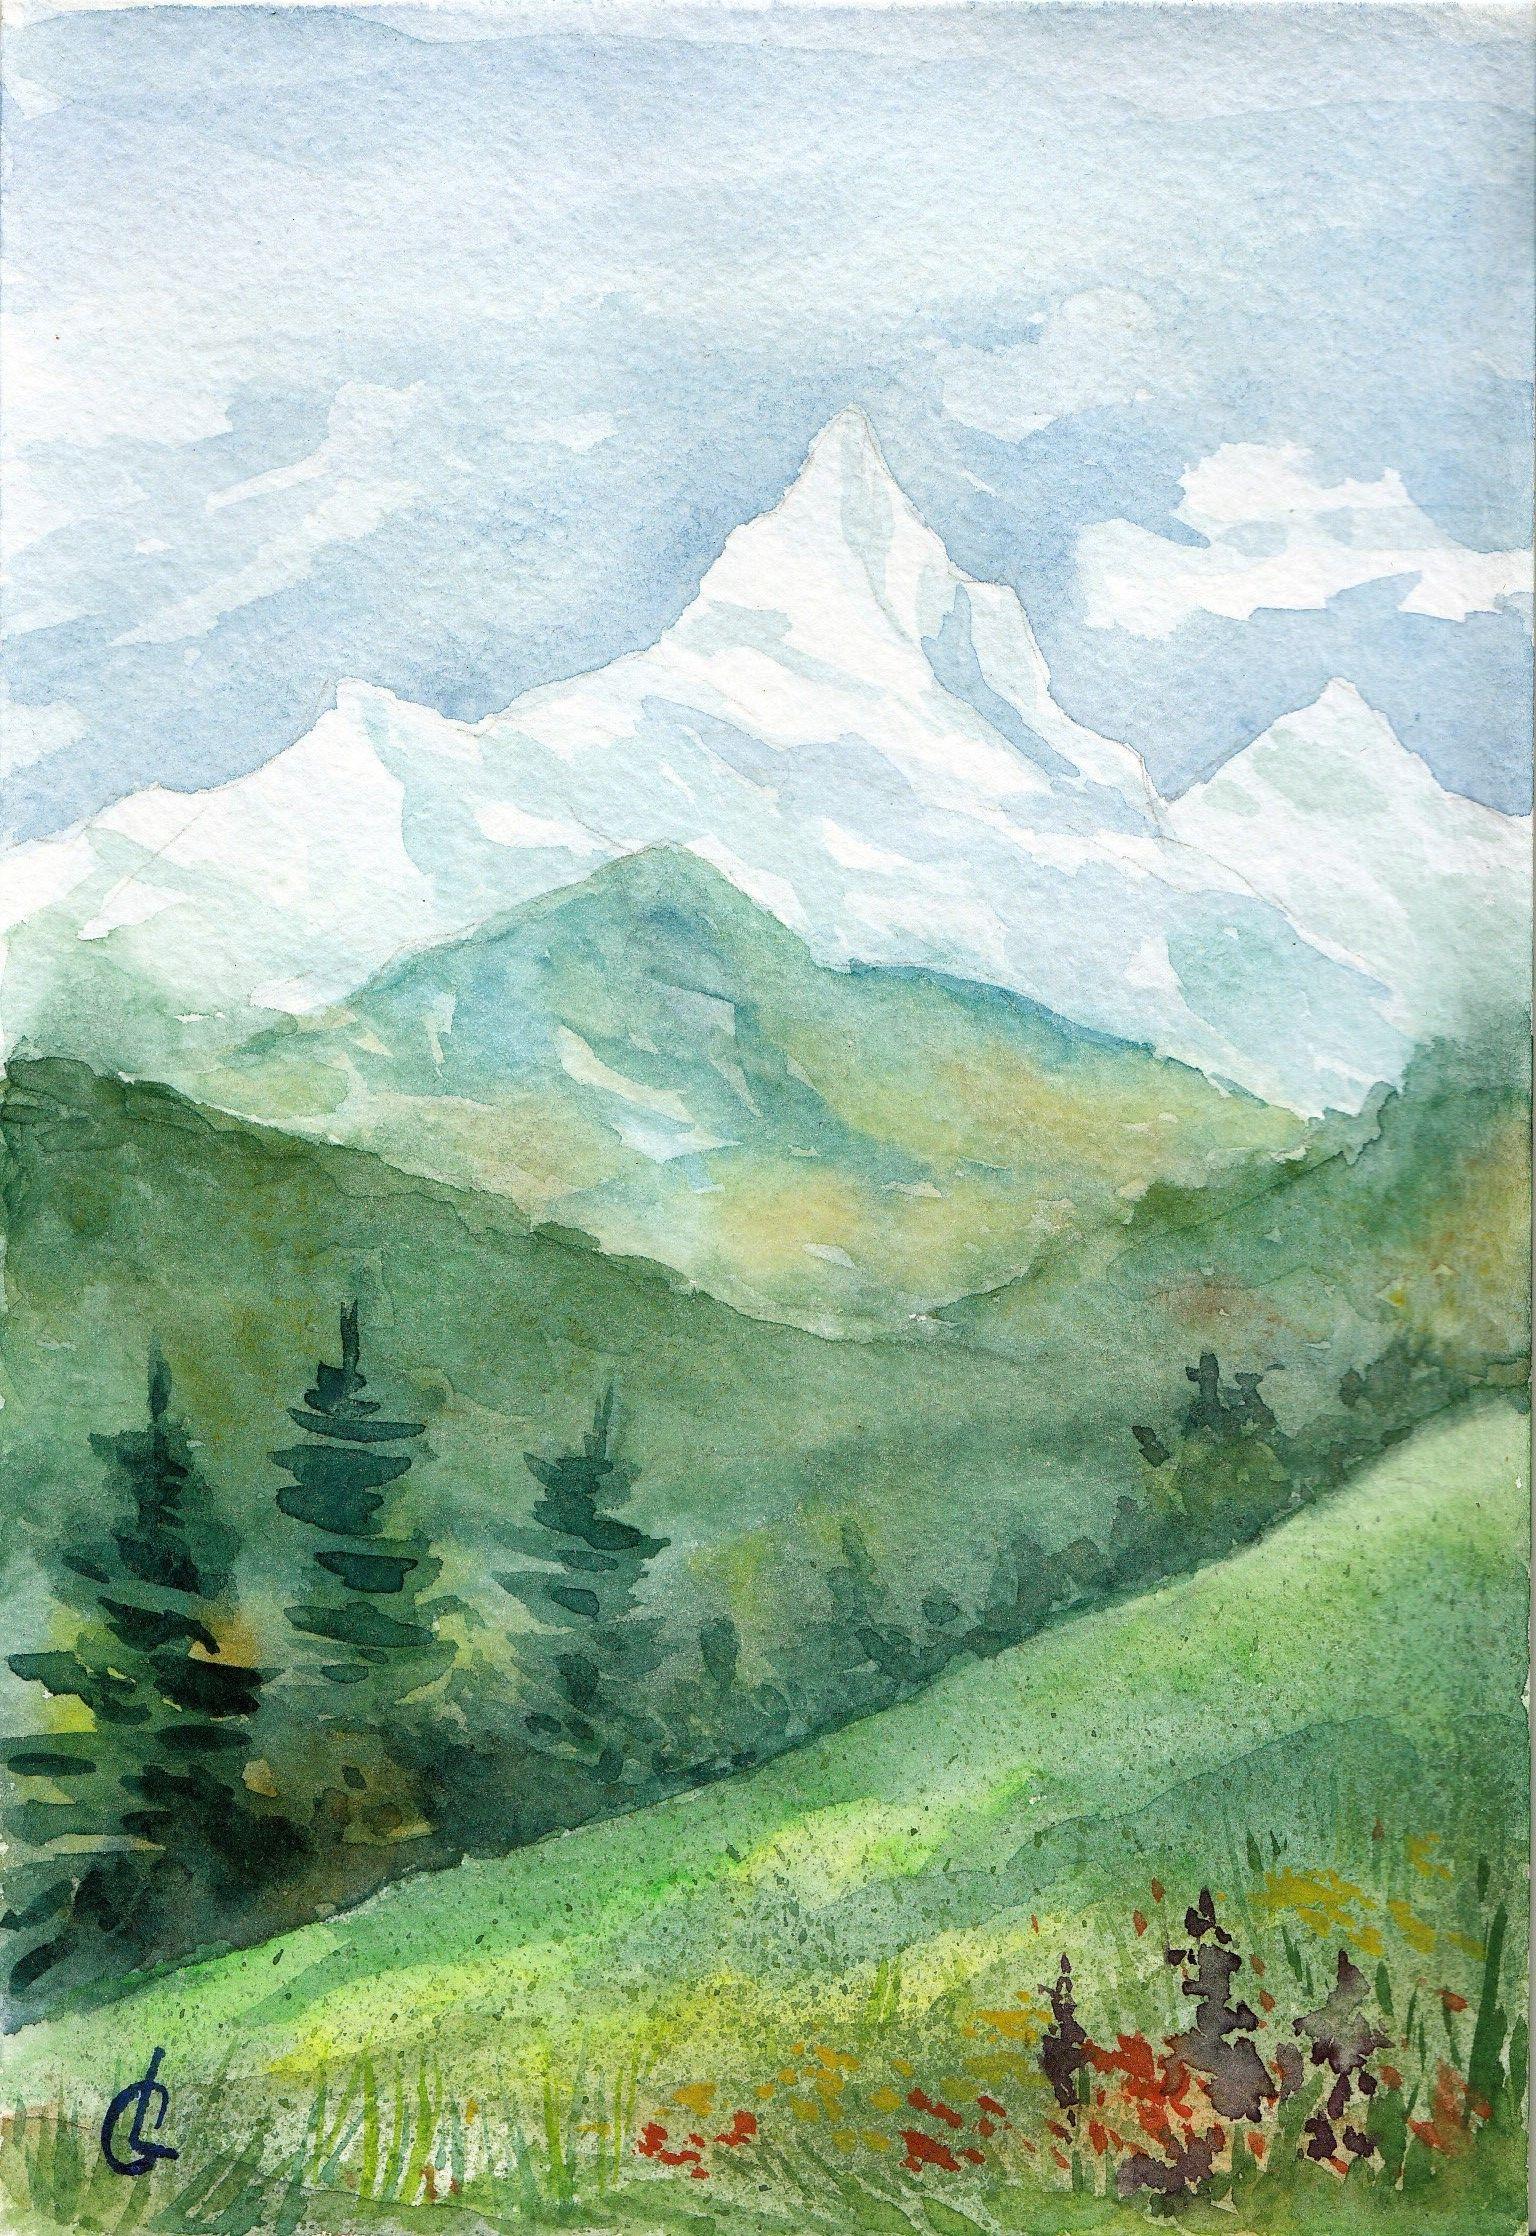 горы, акварель, пейзаж, живопись, творчество, зарисовка